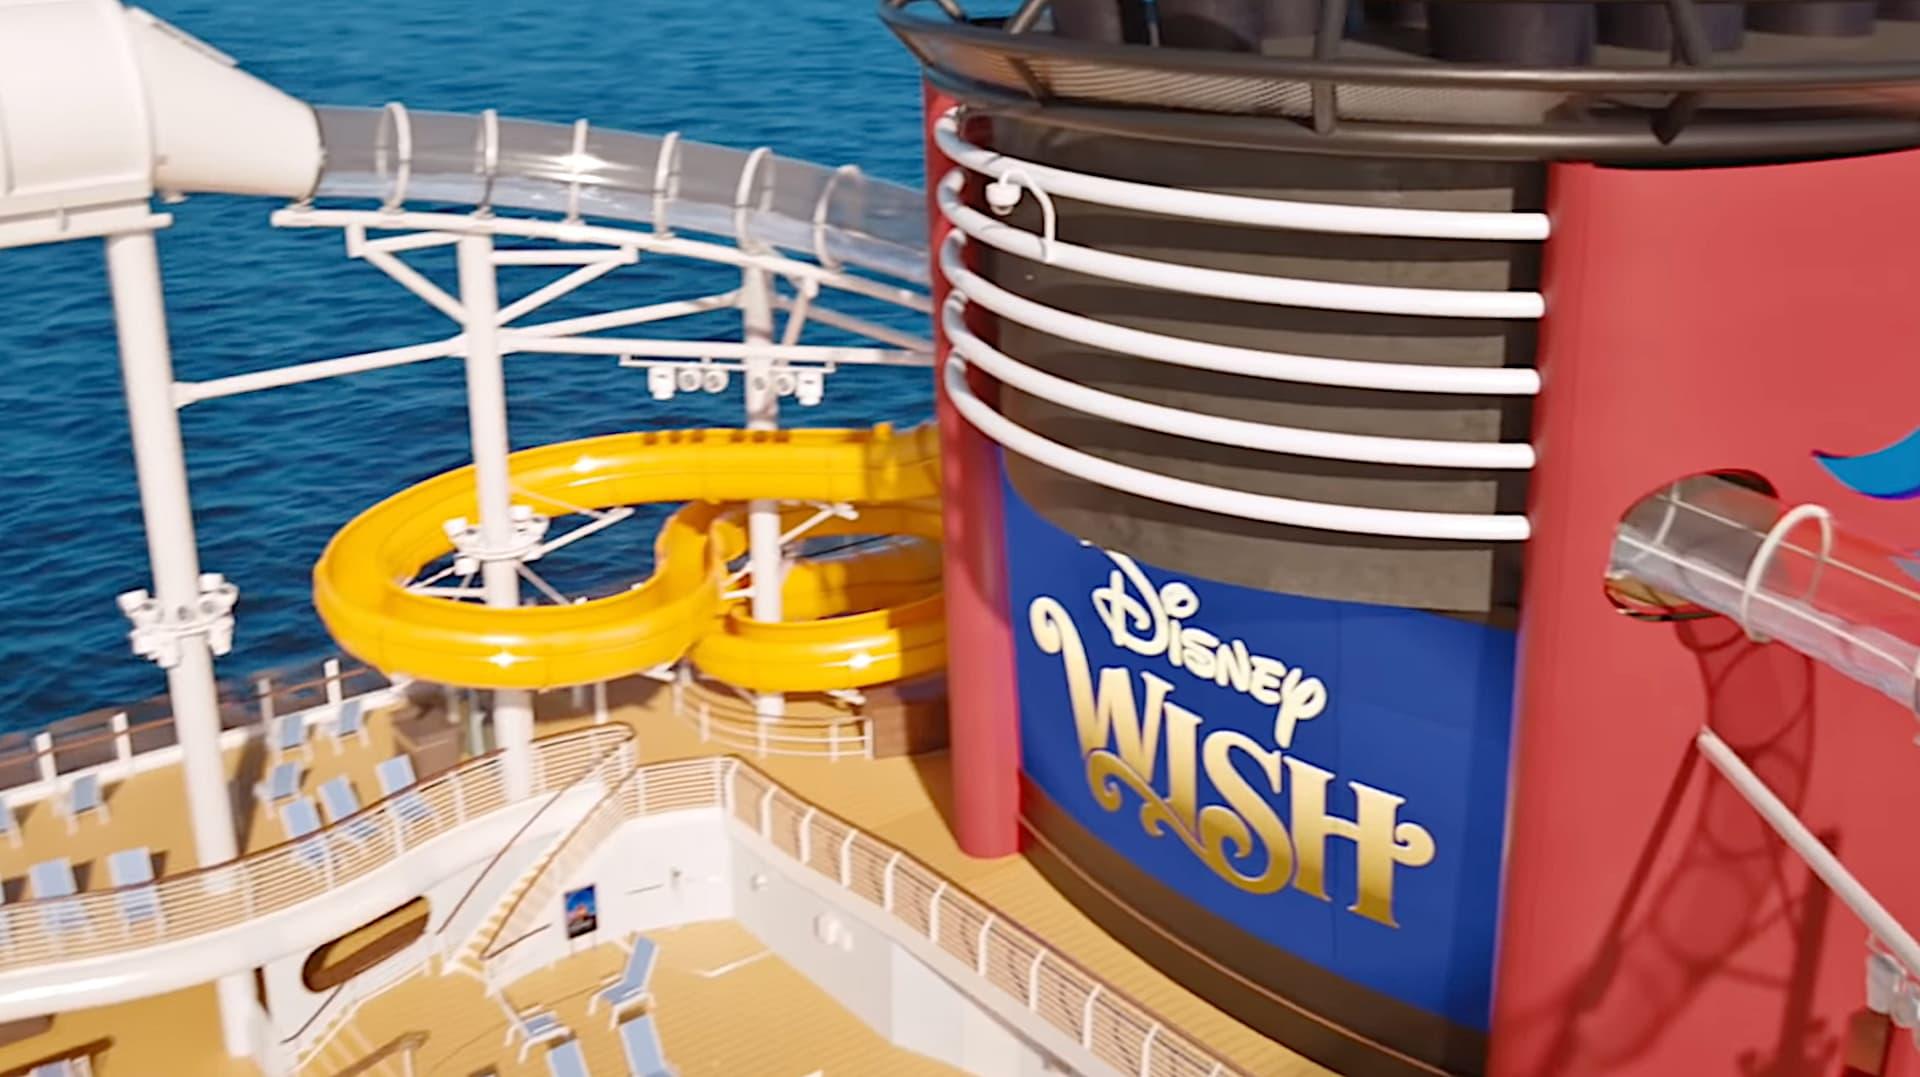 Así es Disney Wish, el nuevo crucero de Disney: videos, itinerarios y más